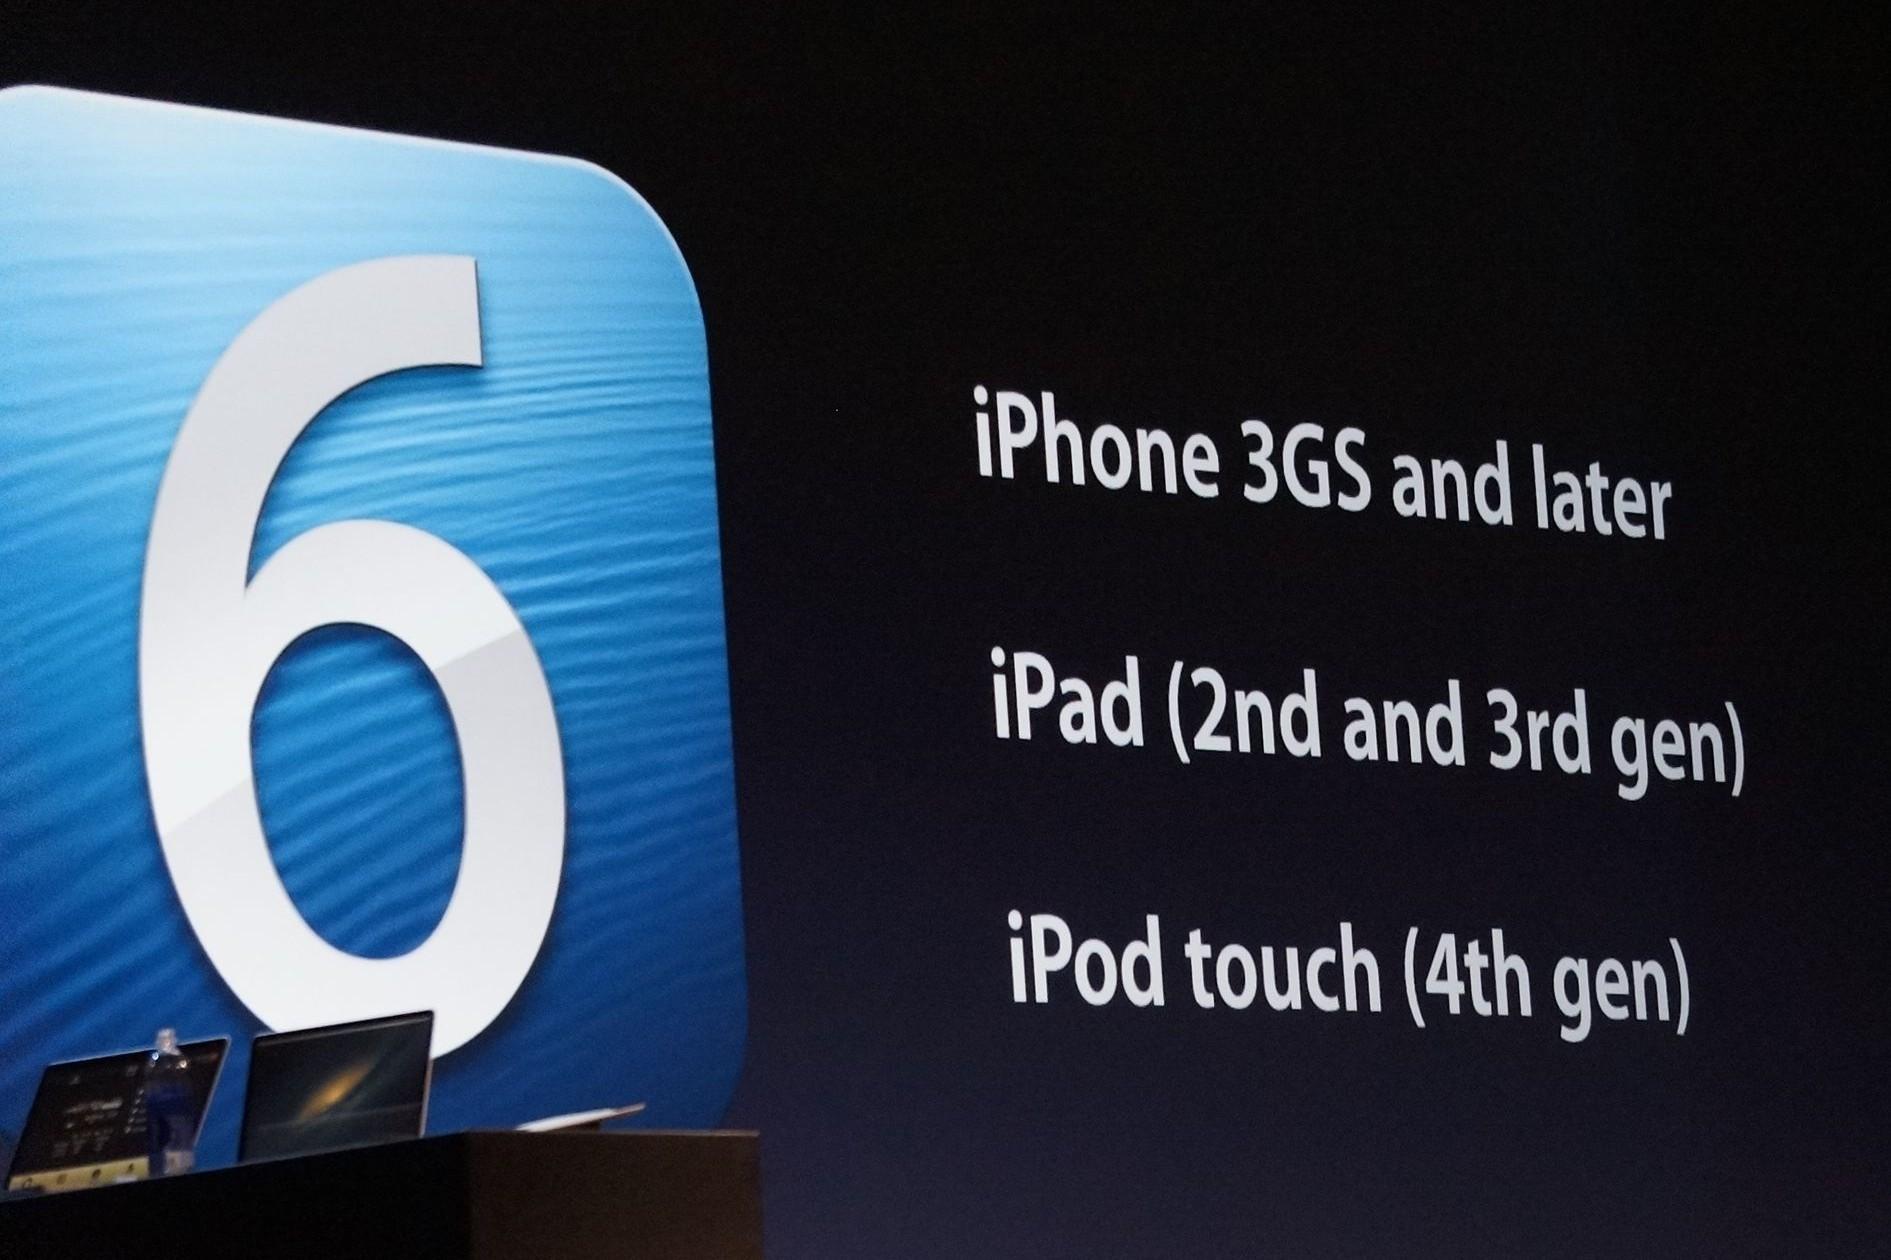 iOS 6 at WWDC